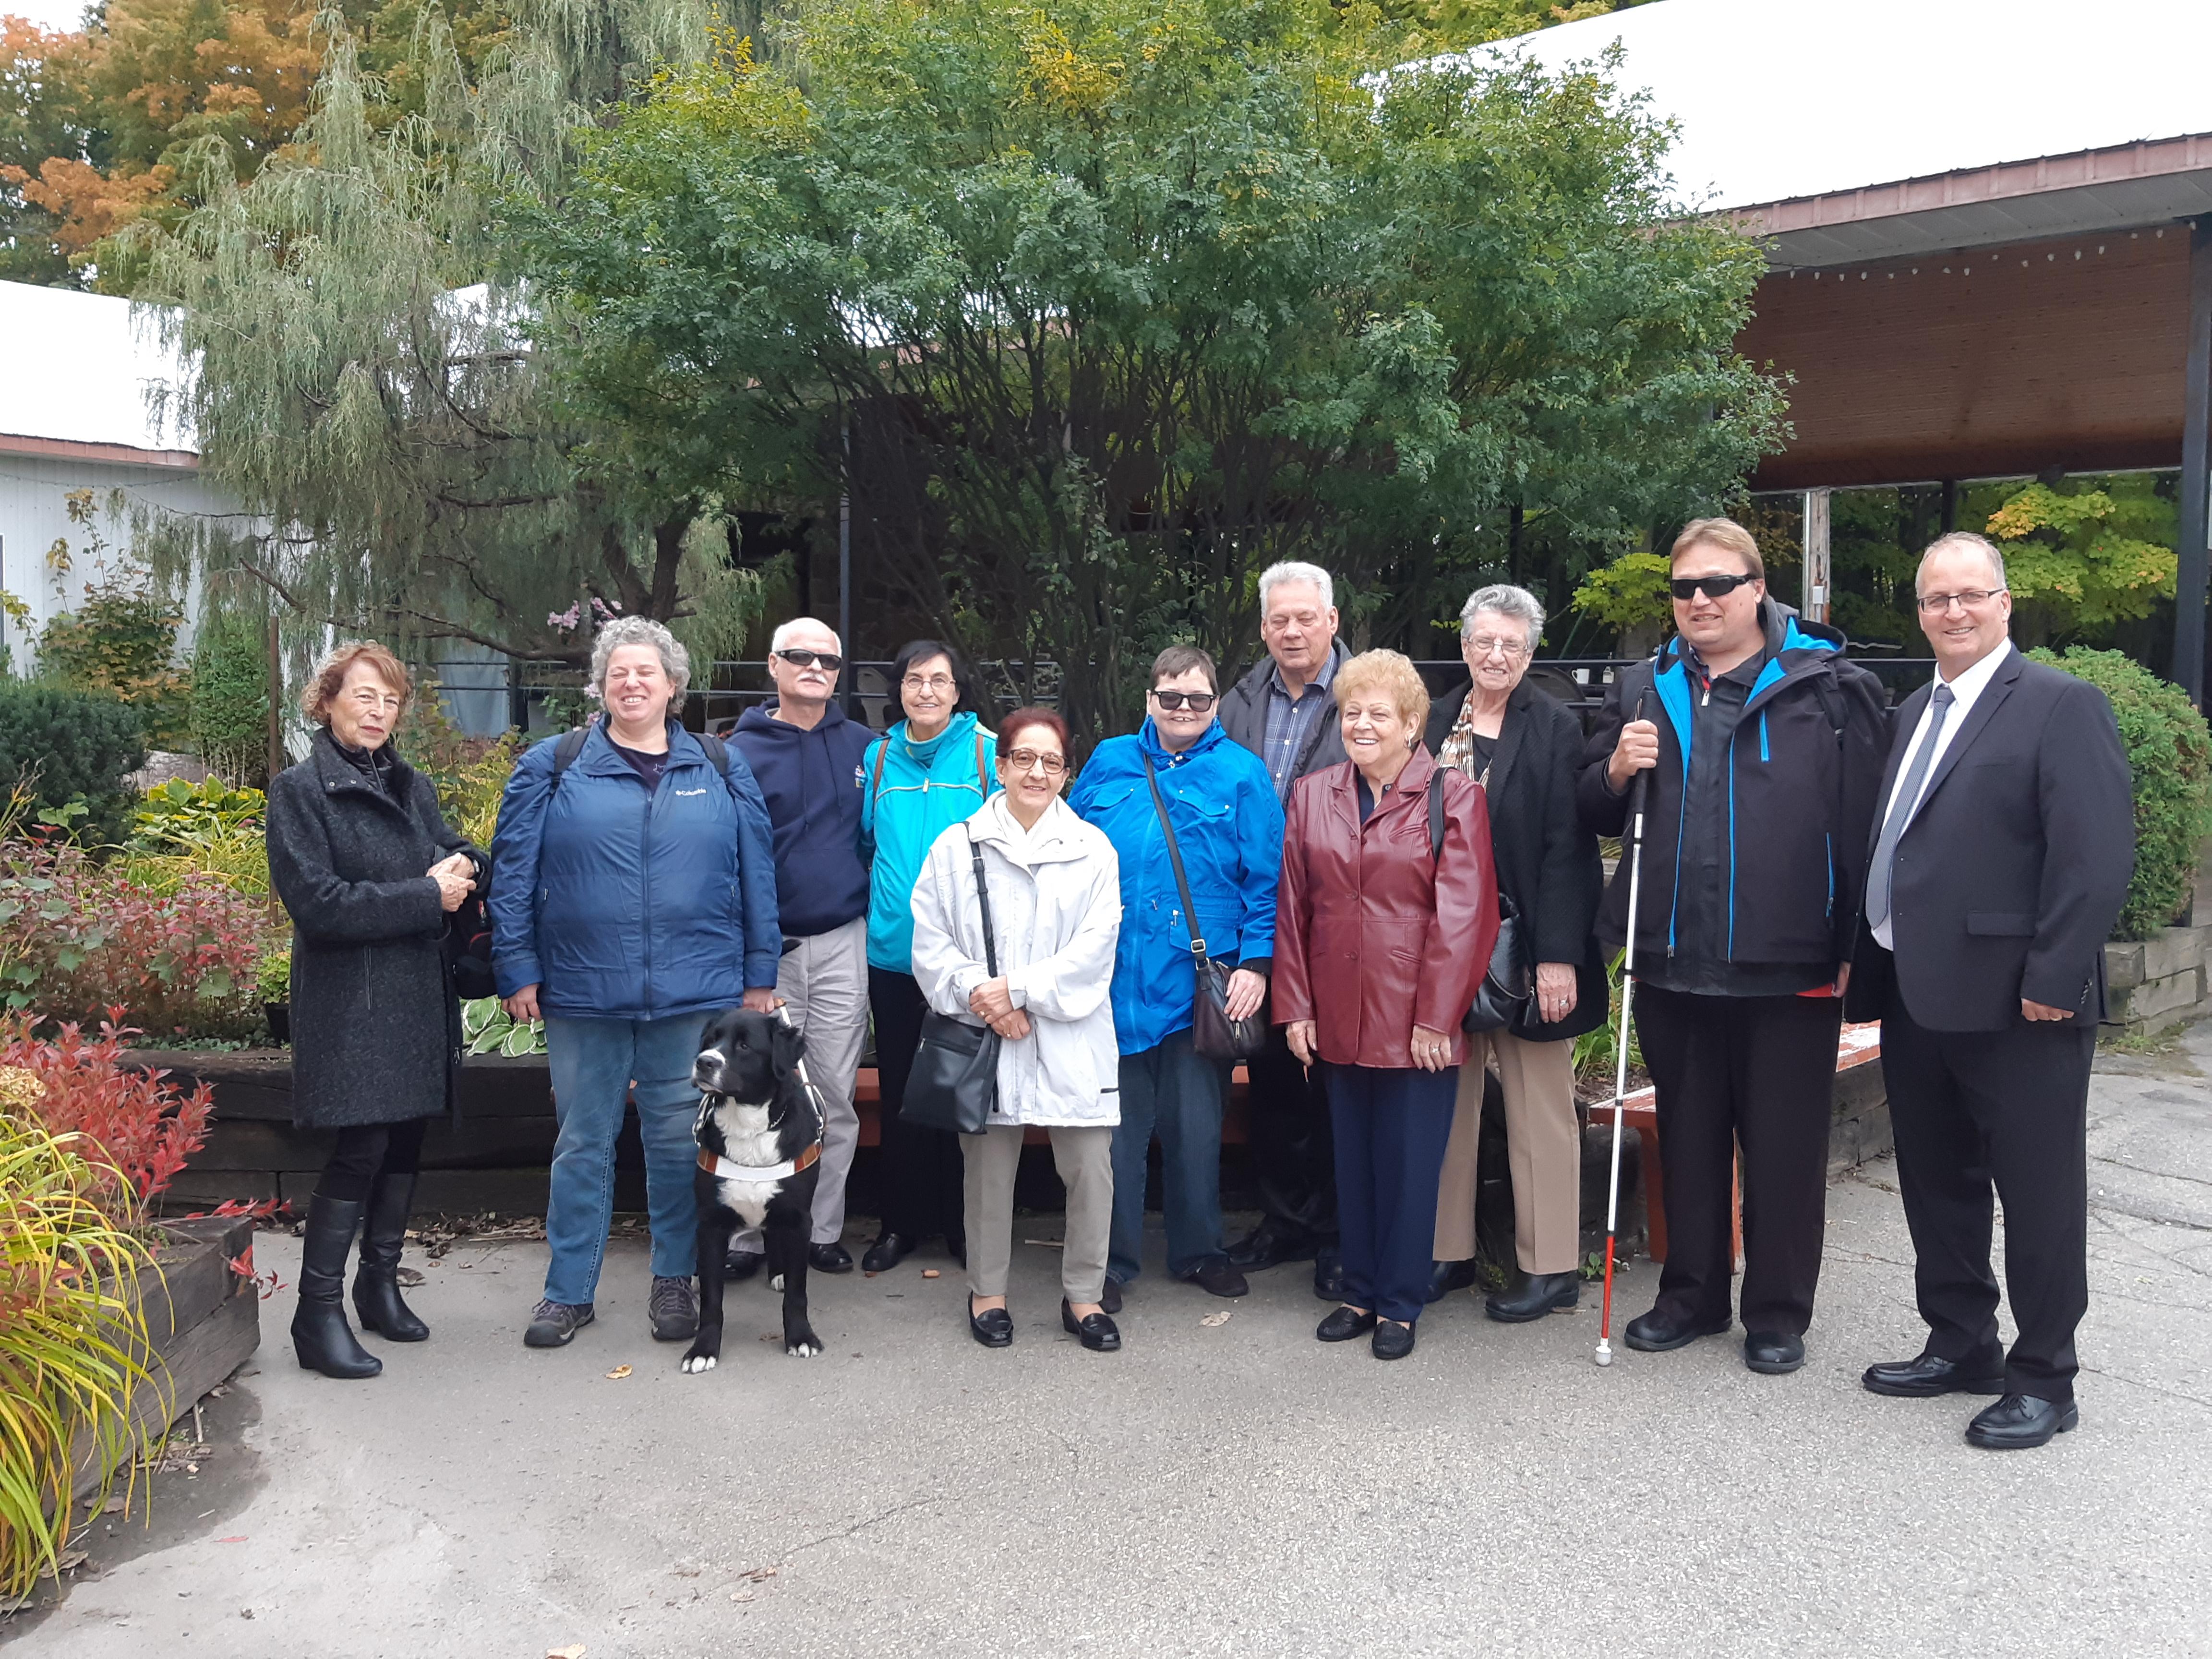 Groupe qui a participé à un souper suivi d'une soirée dansante qui a eu lieu le 6 octobre 2018 au Chalet du ruisseau situé à Mirabel.